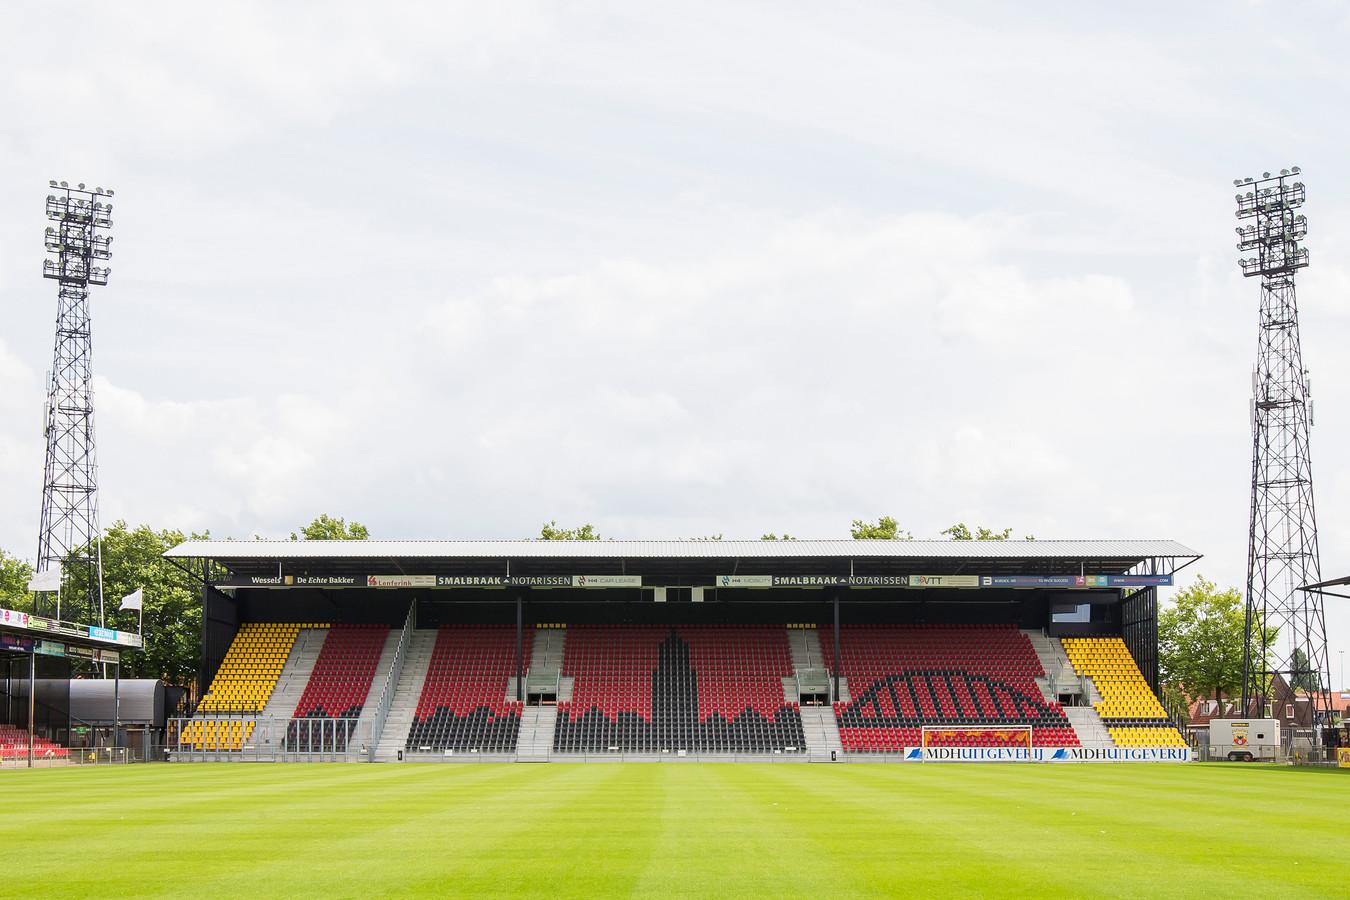 Stadion De Adelaarshorst